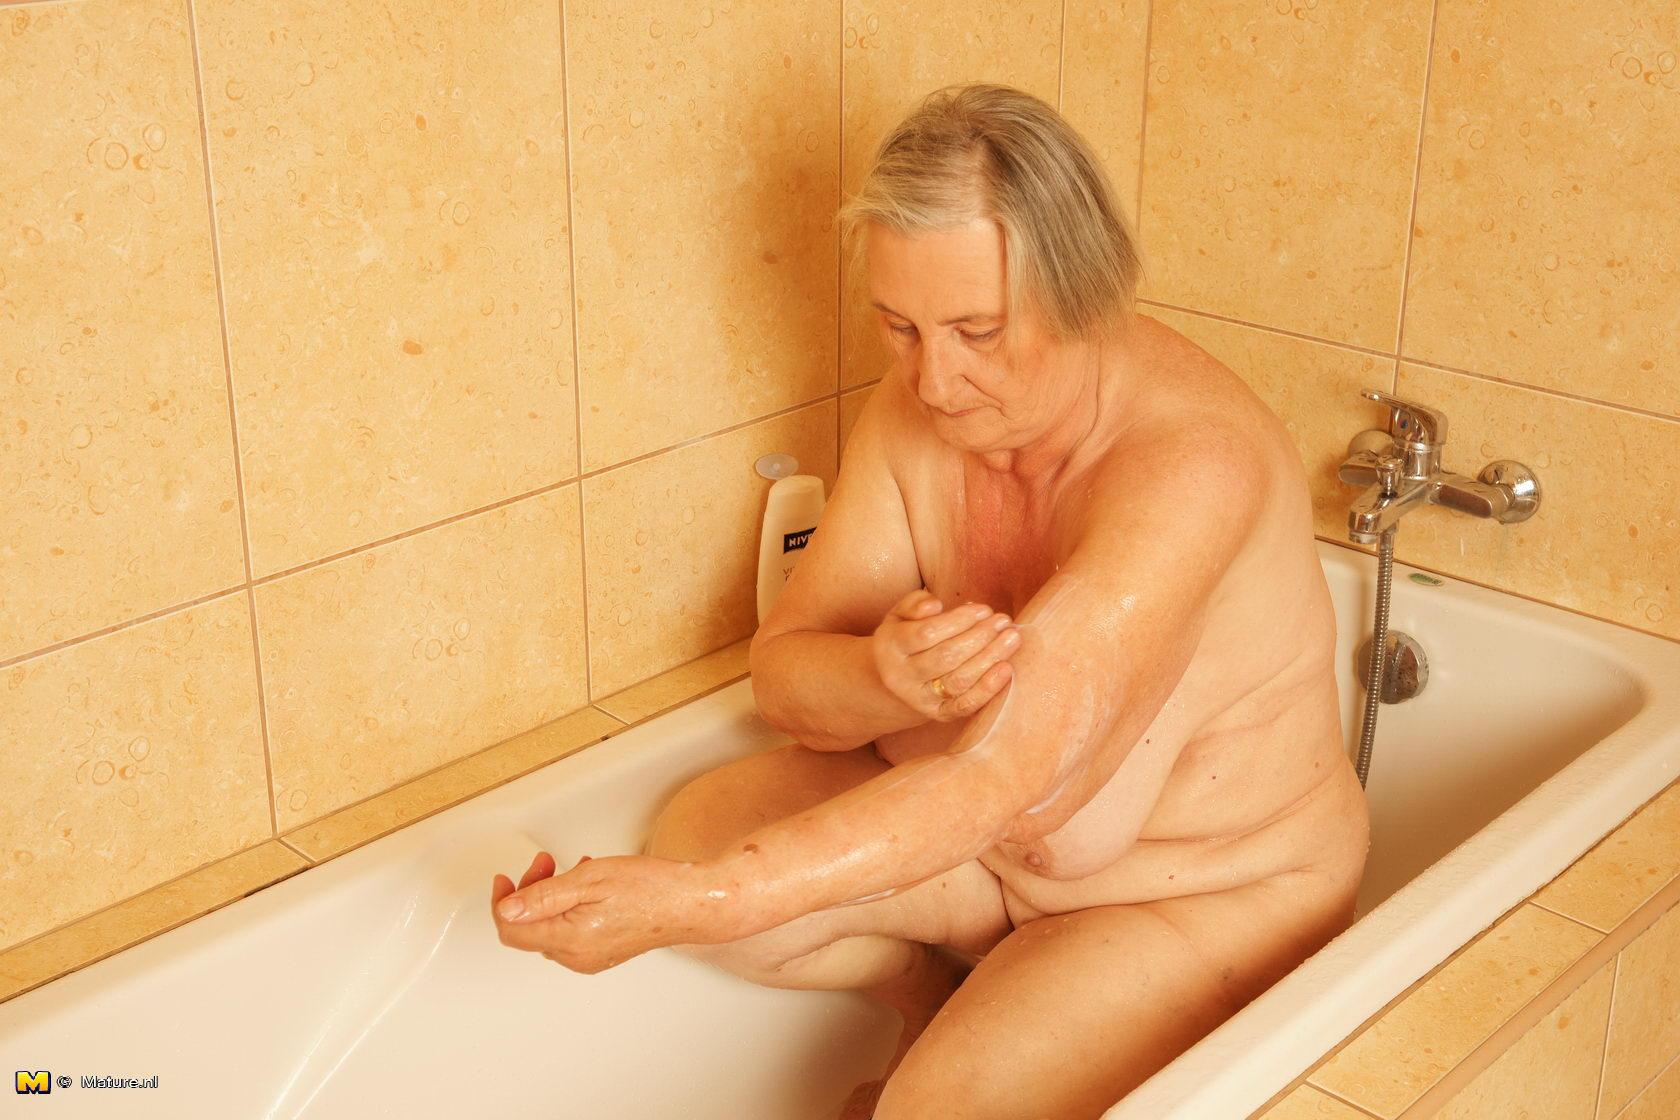 Тетя занимается с внуком сексом 11 фотография